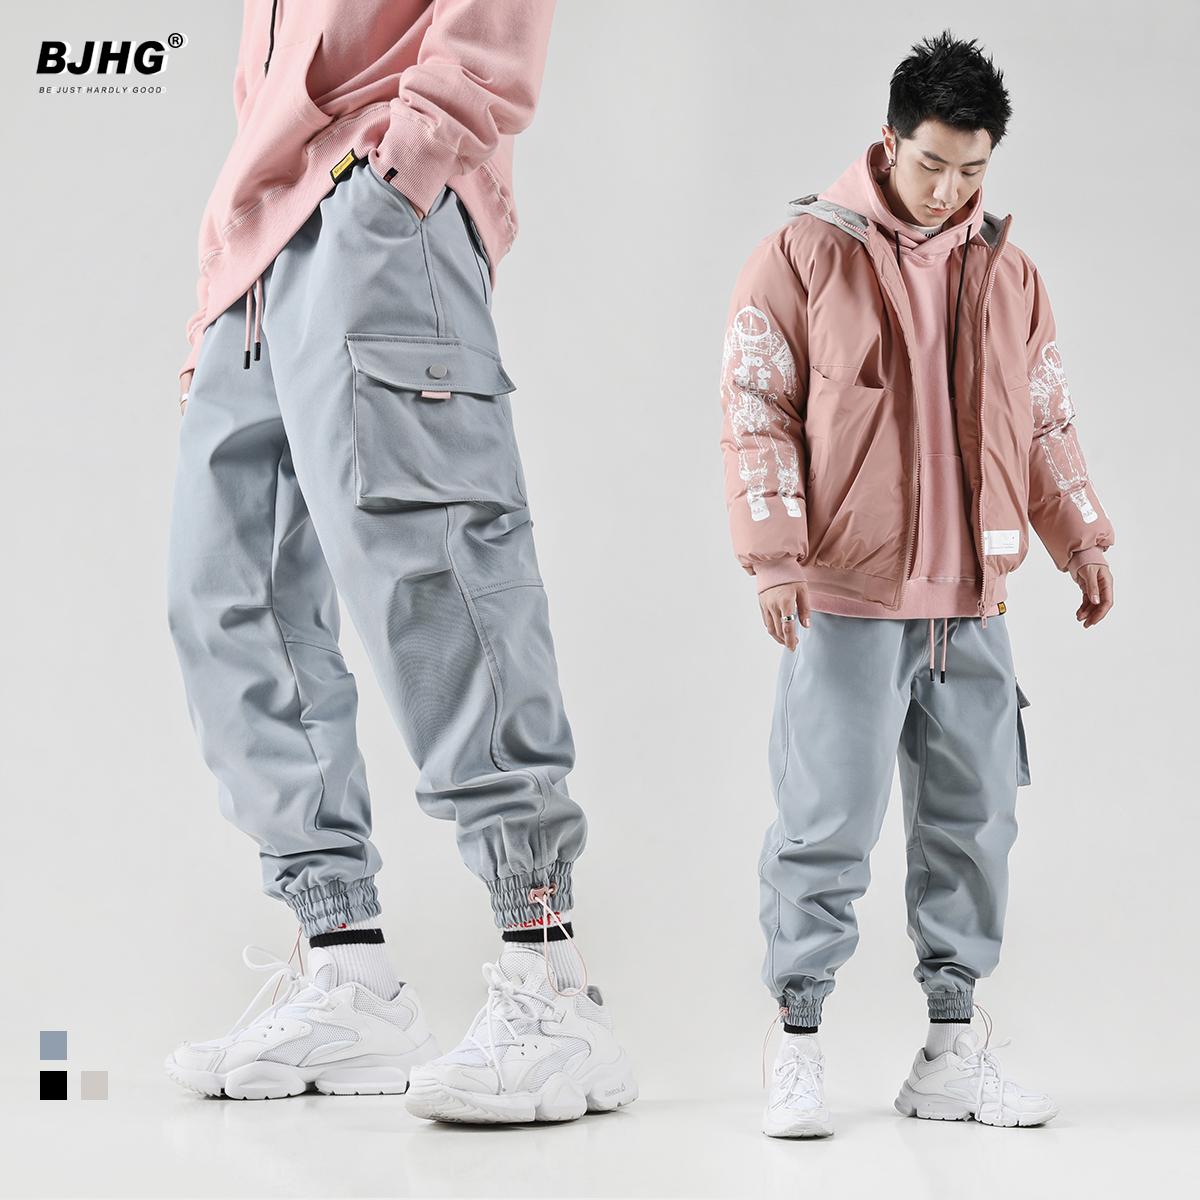 热销510件包邮bjhg不计后果hiphop工装男运动裤